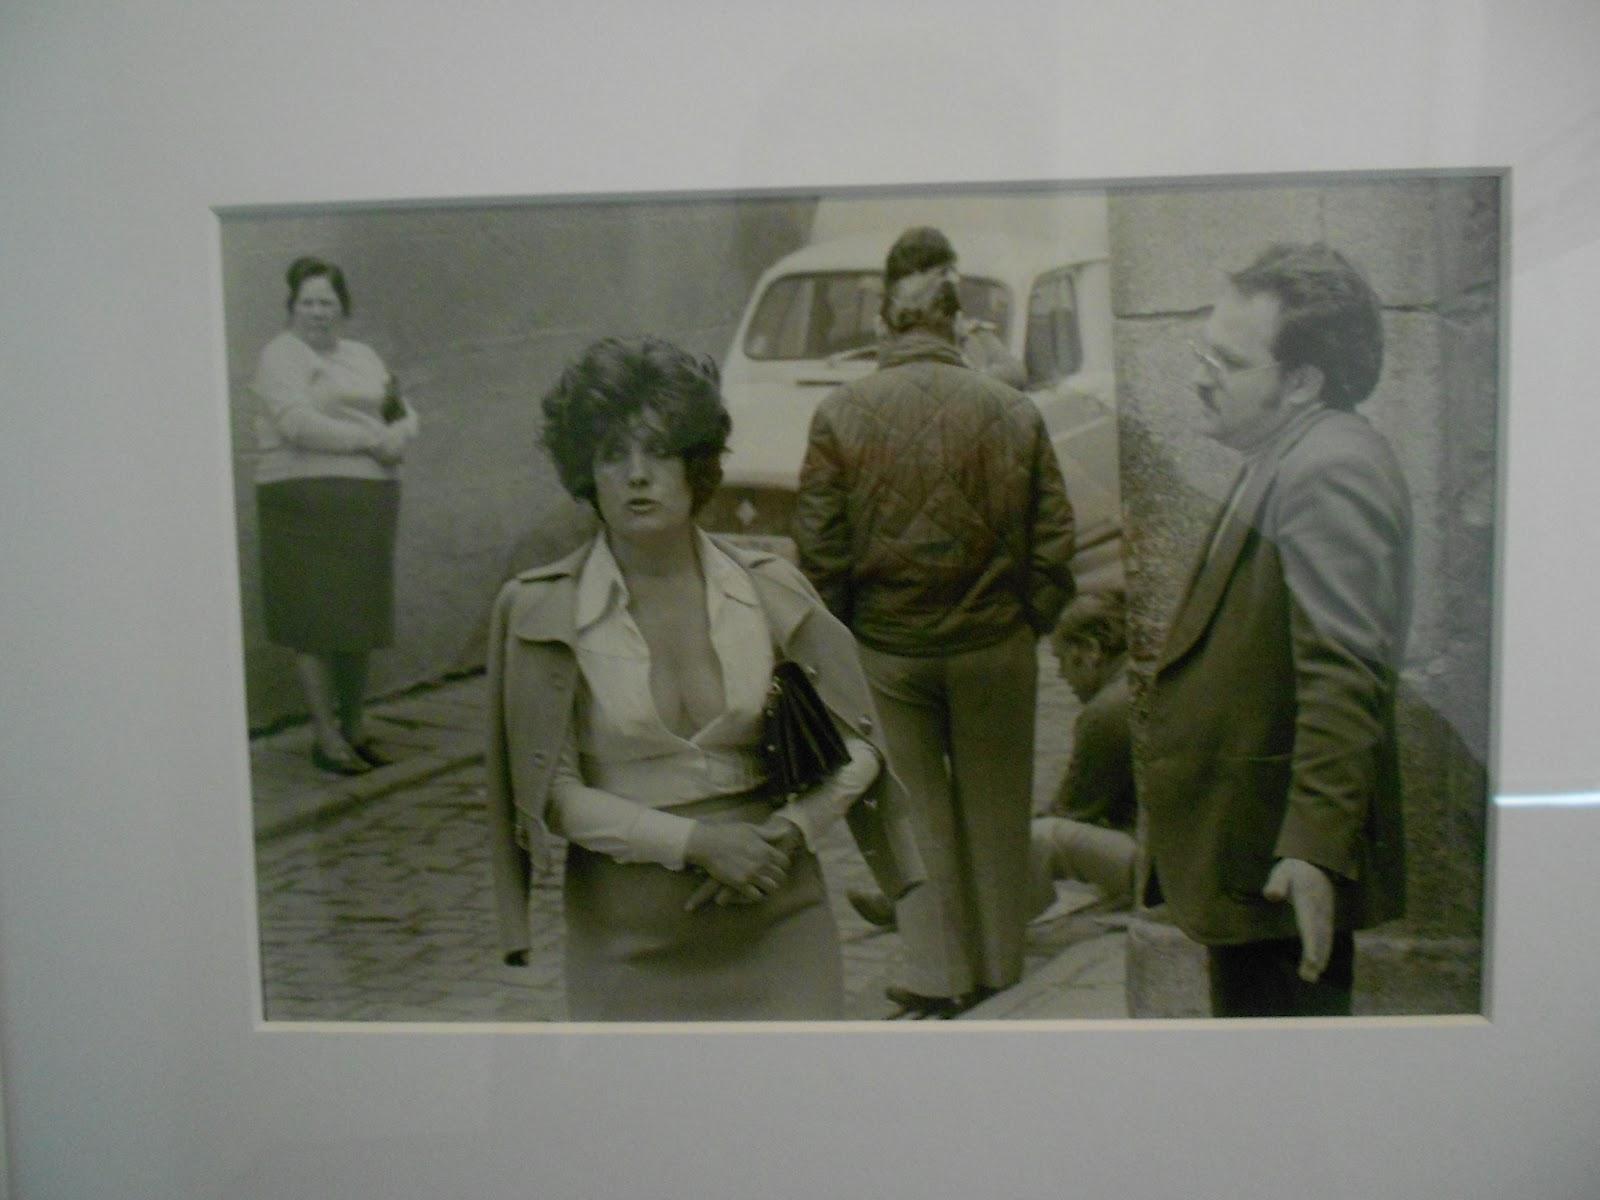 prostitutas maduras en barcelona prostitutas transexuales madrid